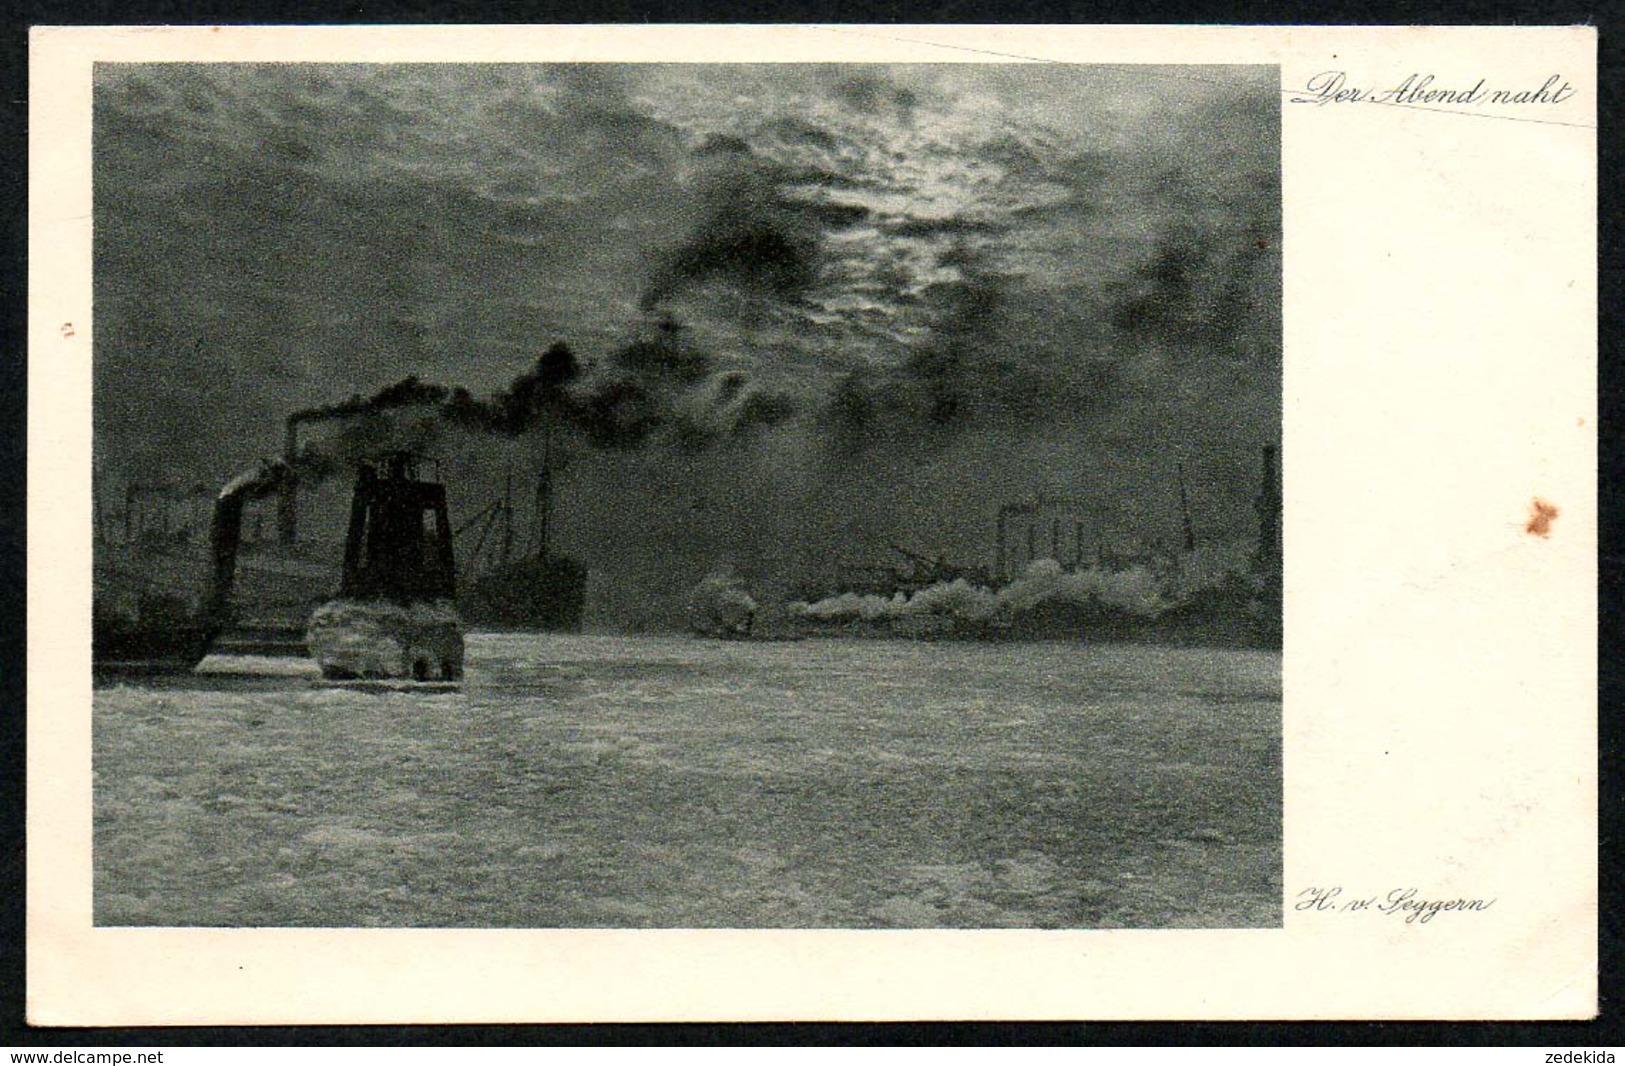 B4168 - H. Von Seggern - Künstlerkarte - Der Abend Naht - Trautmann & Von Seggern Hamburg - Dampfer - Künstlerkarten